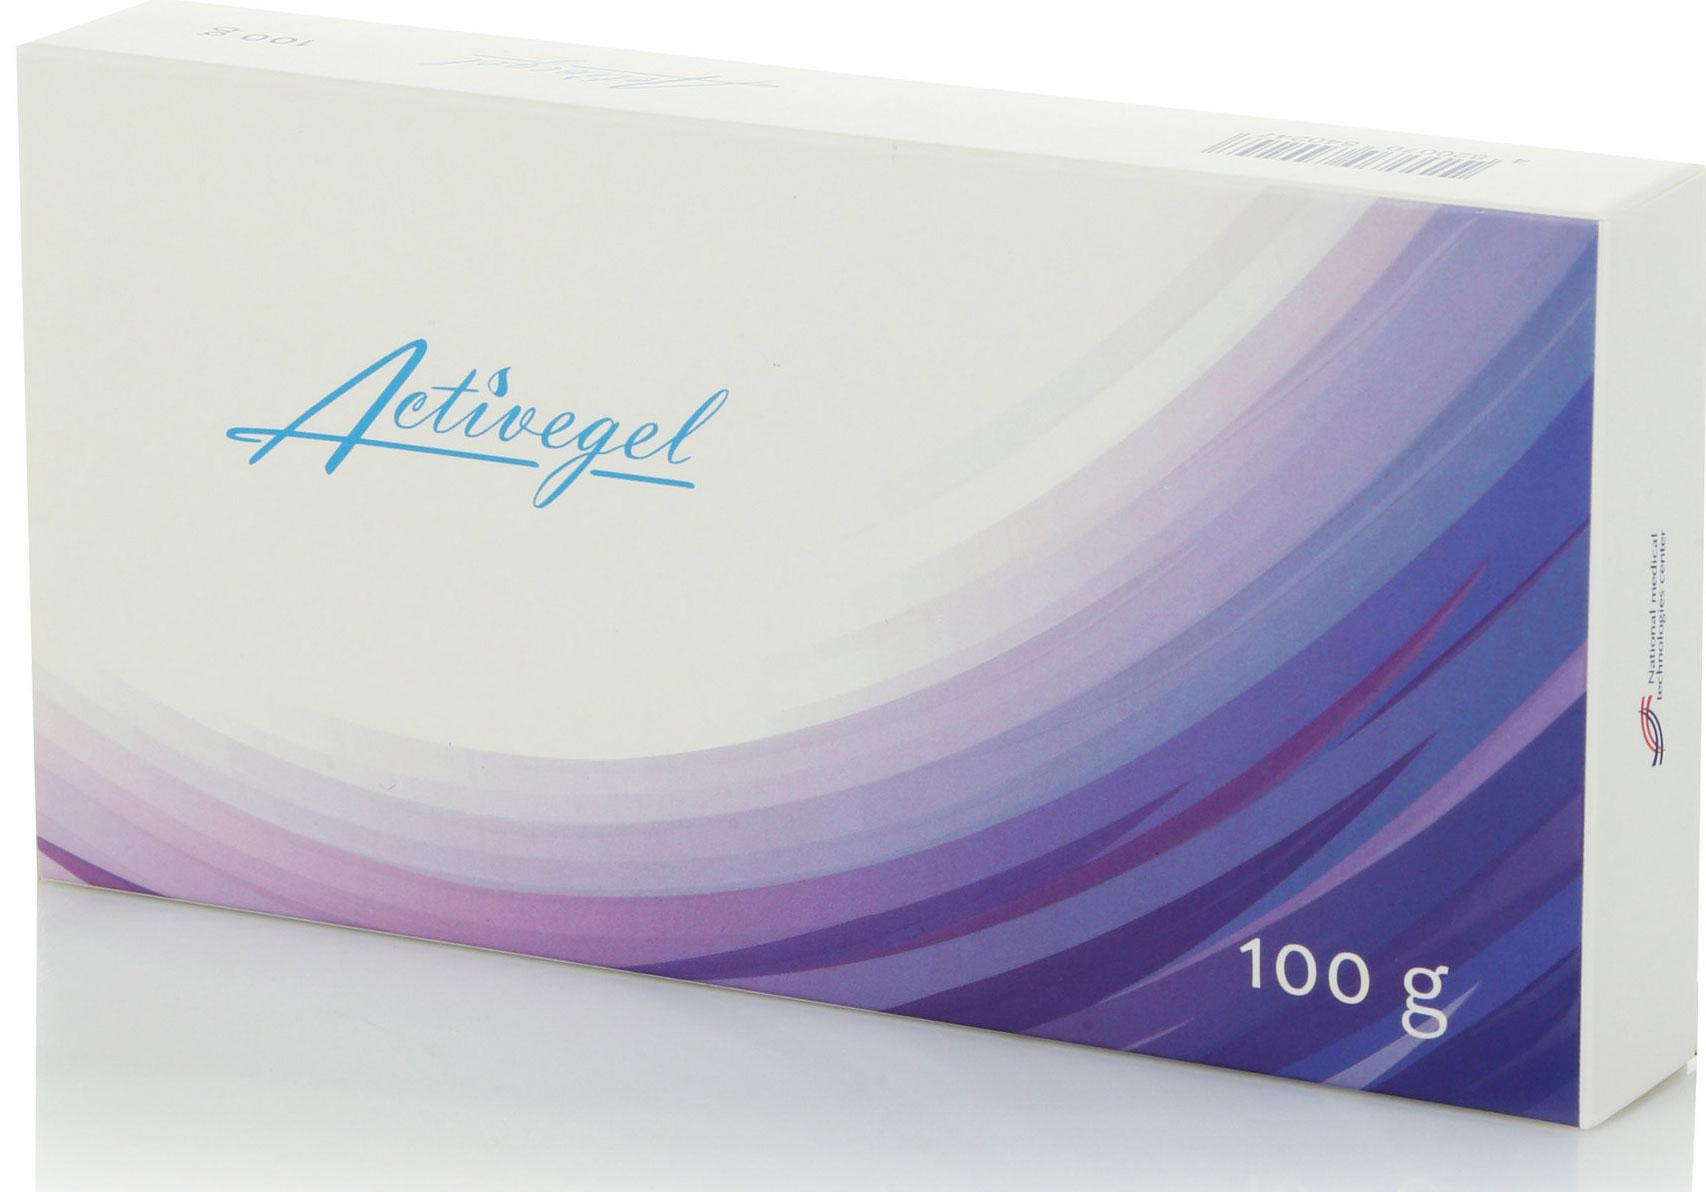 Внимание! Изменения в упаковке препарата Активгель